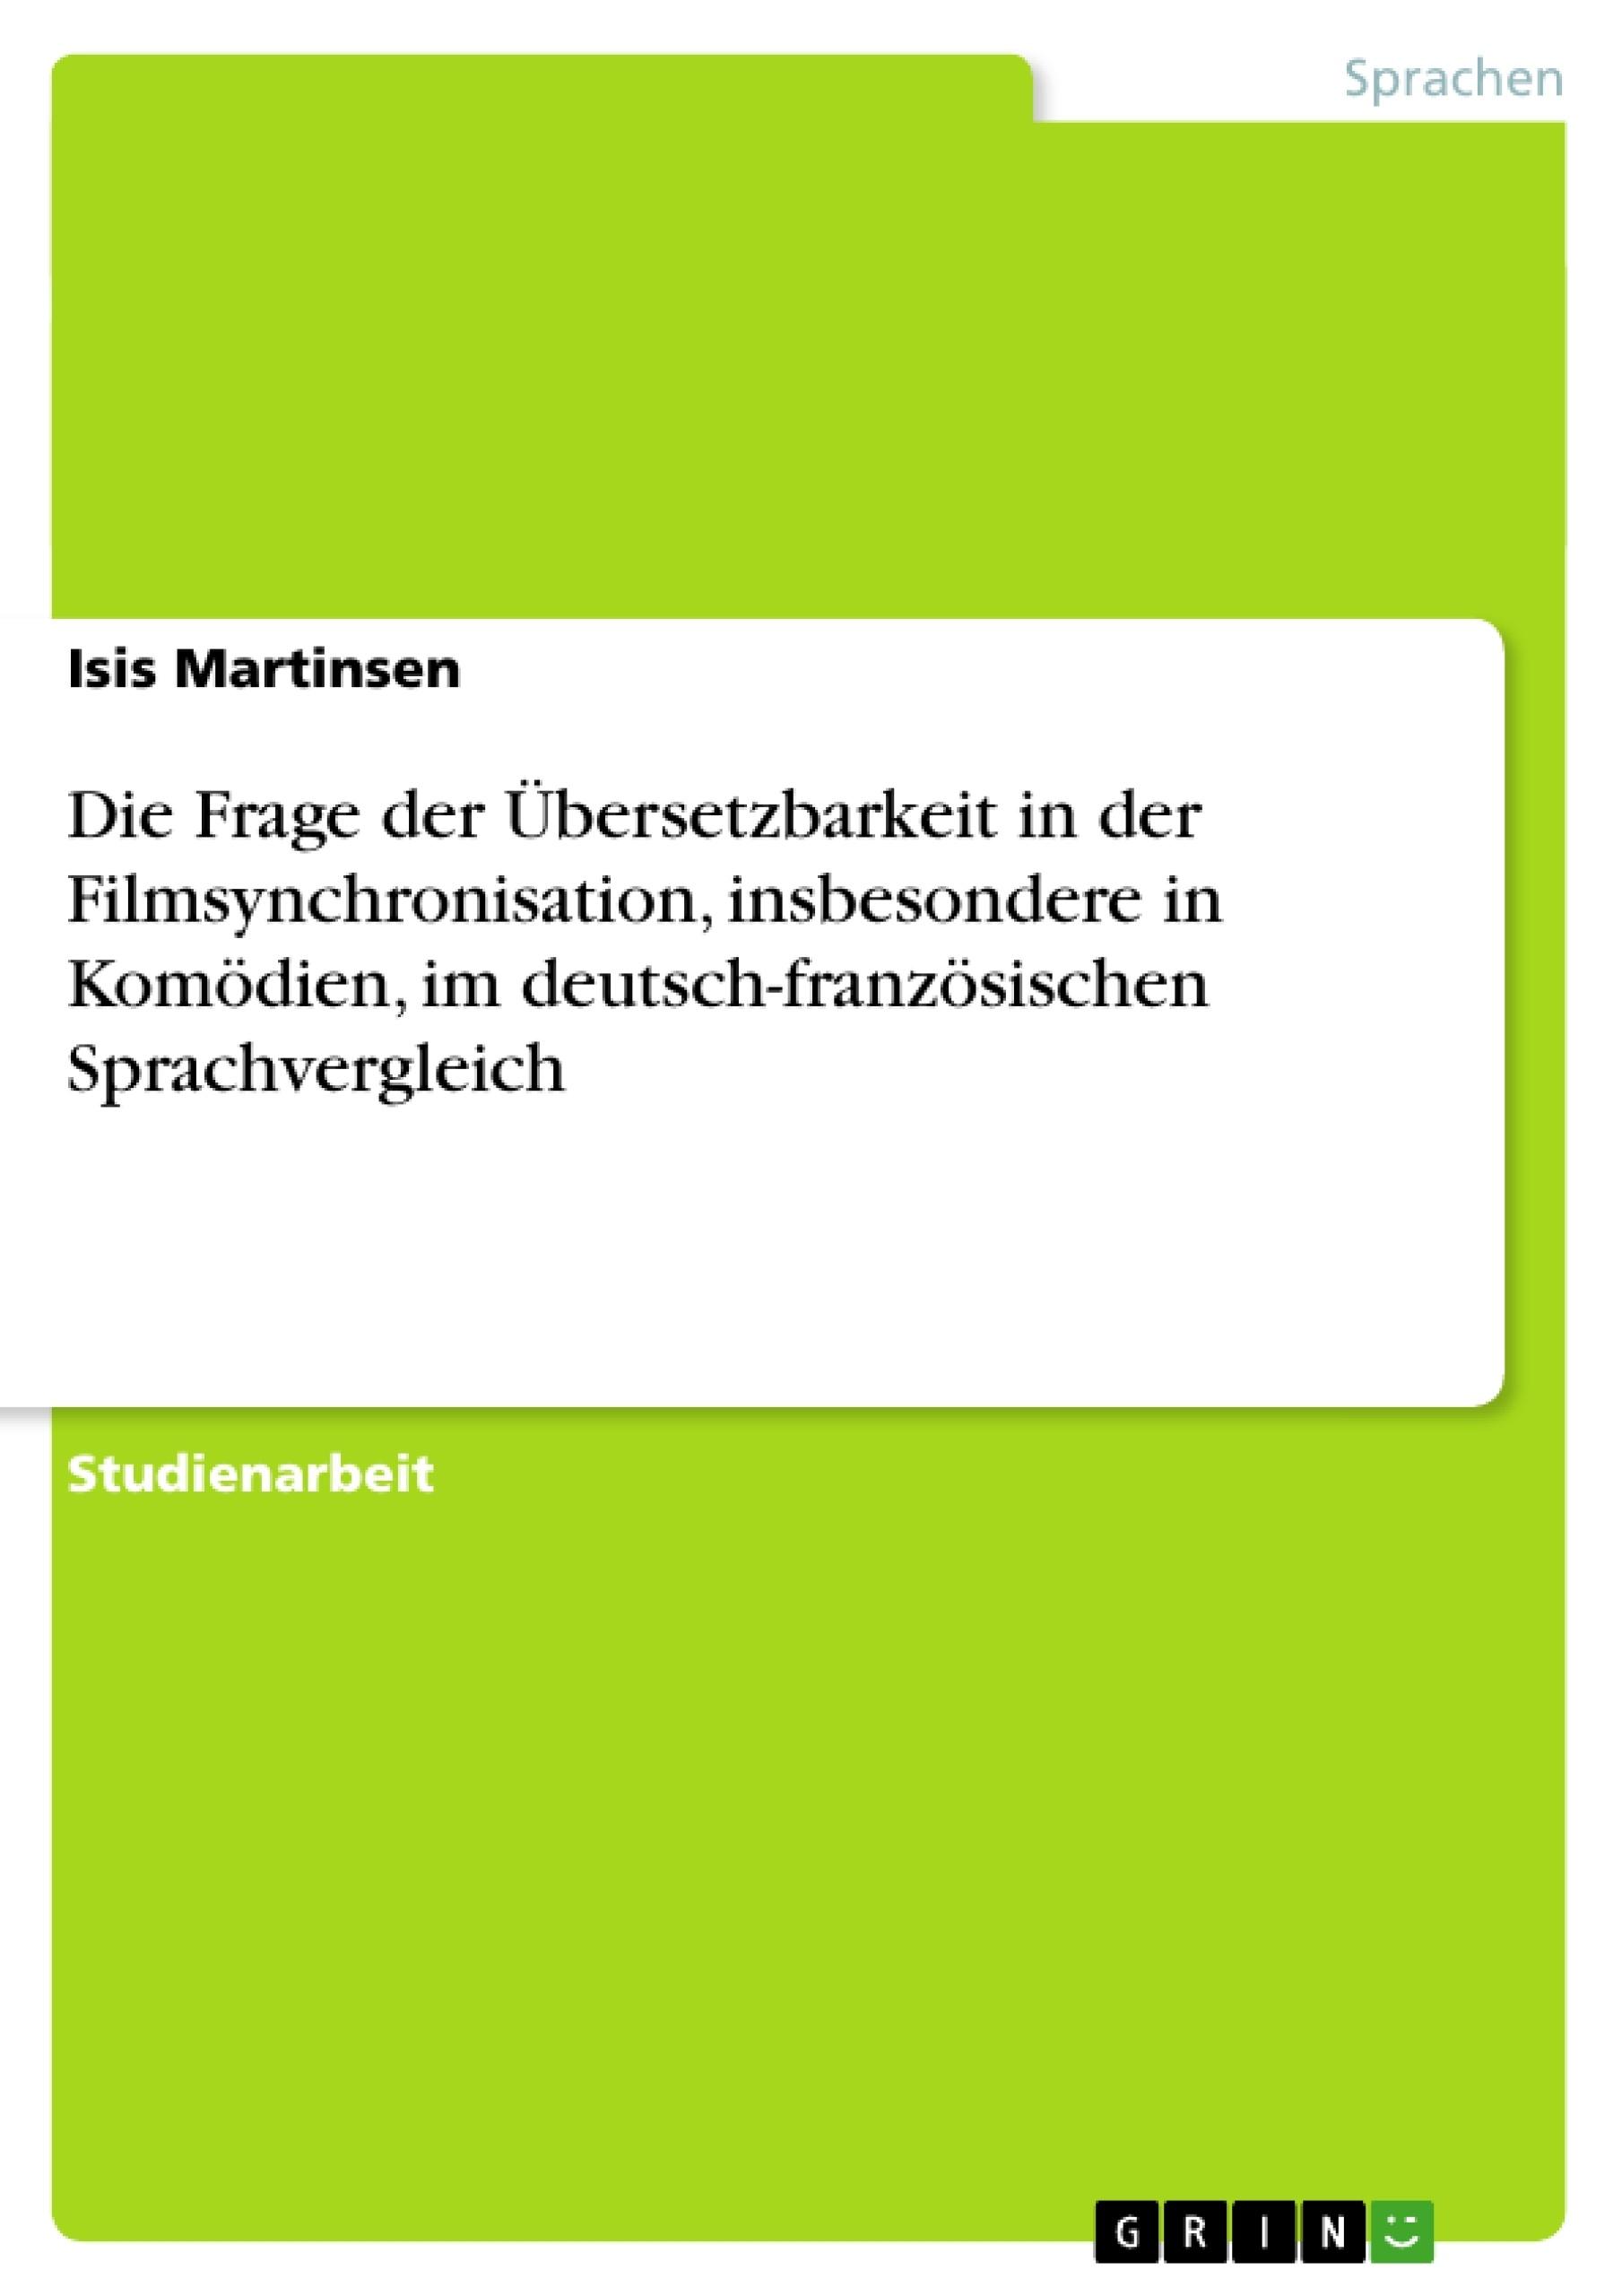 Titel: Die Frage der Übersetzbarkeit in der Filmsynchronisation, insbesondere in Komödien, im deutsch-französischen Sprachvergleich